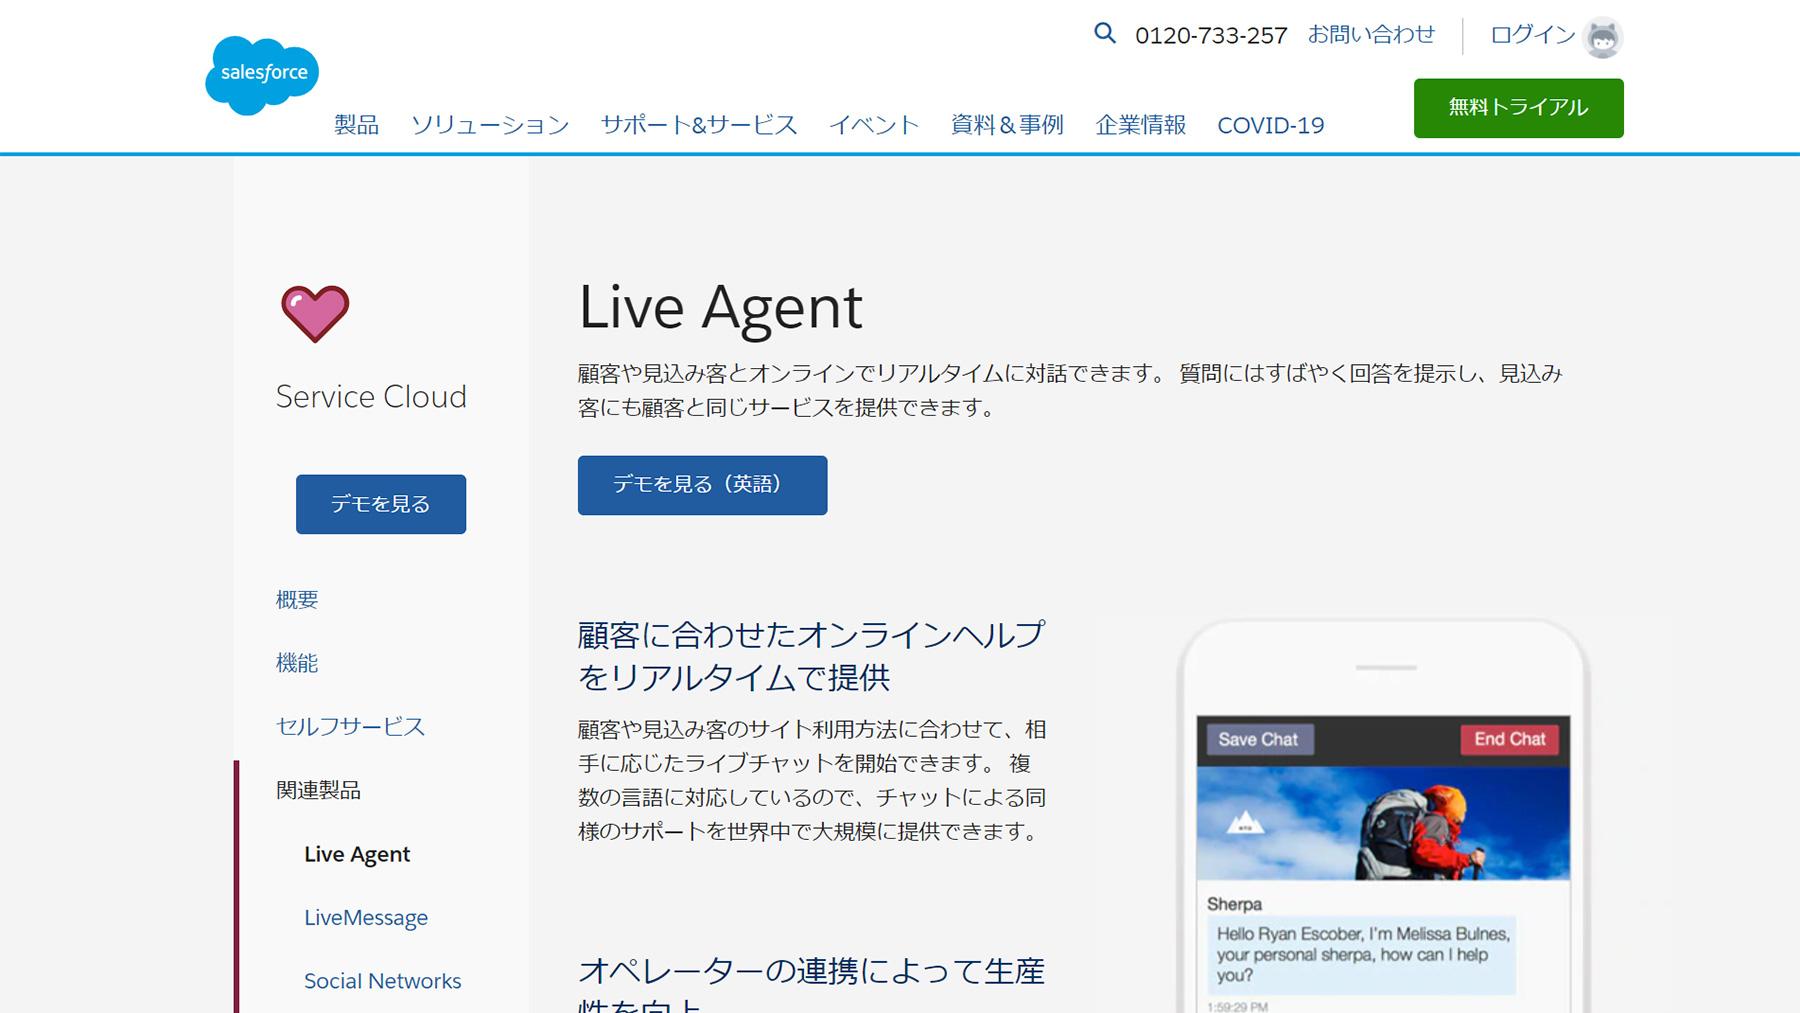 Service Cloud Live Agent公式Webサイト